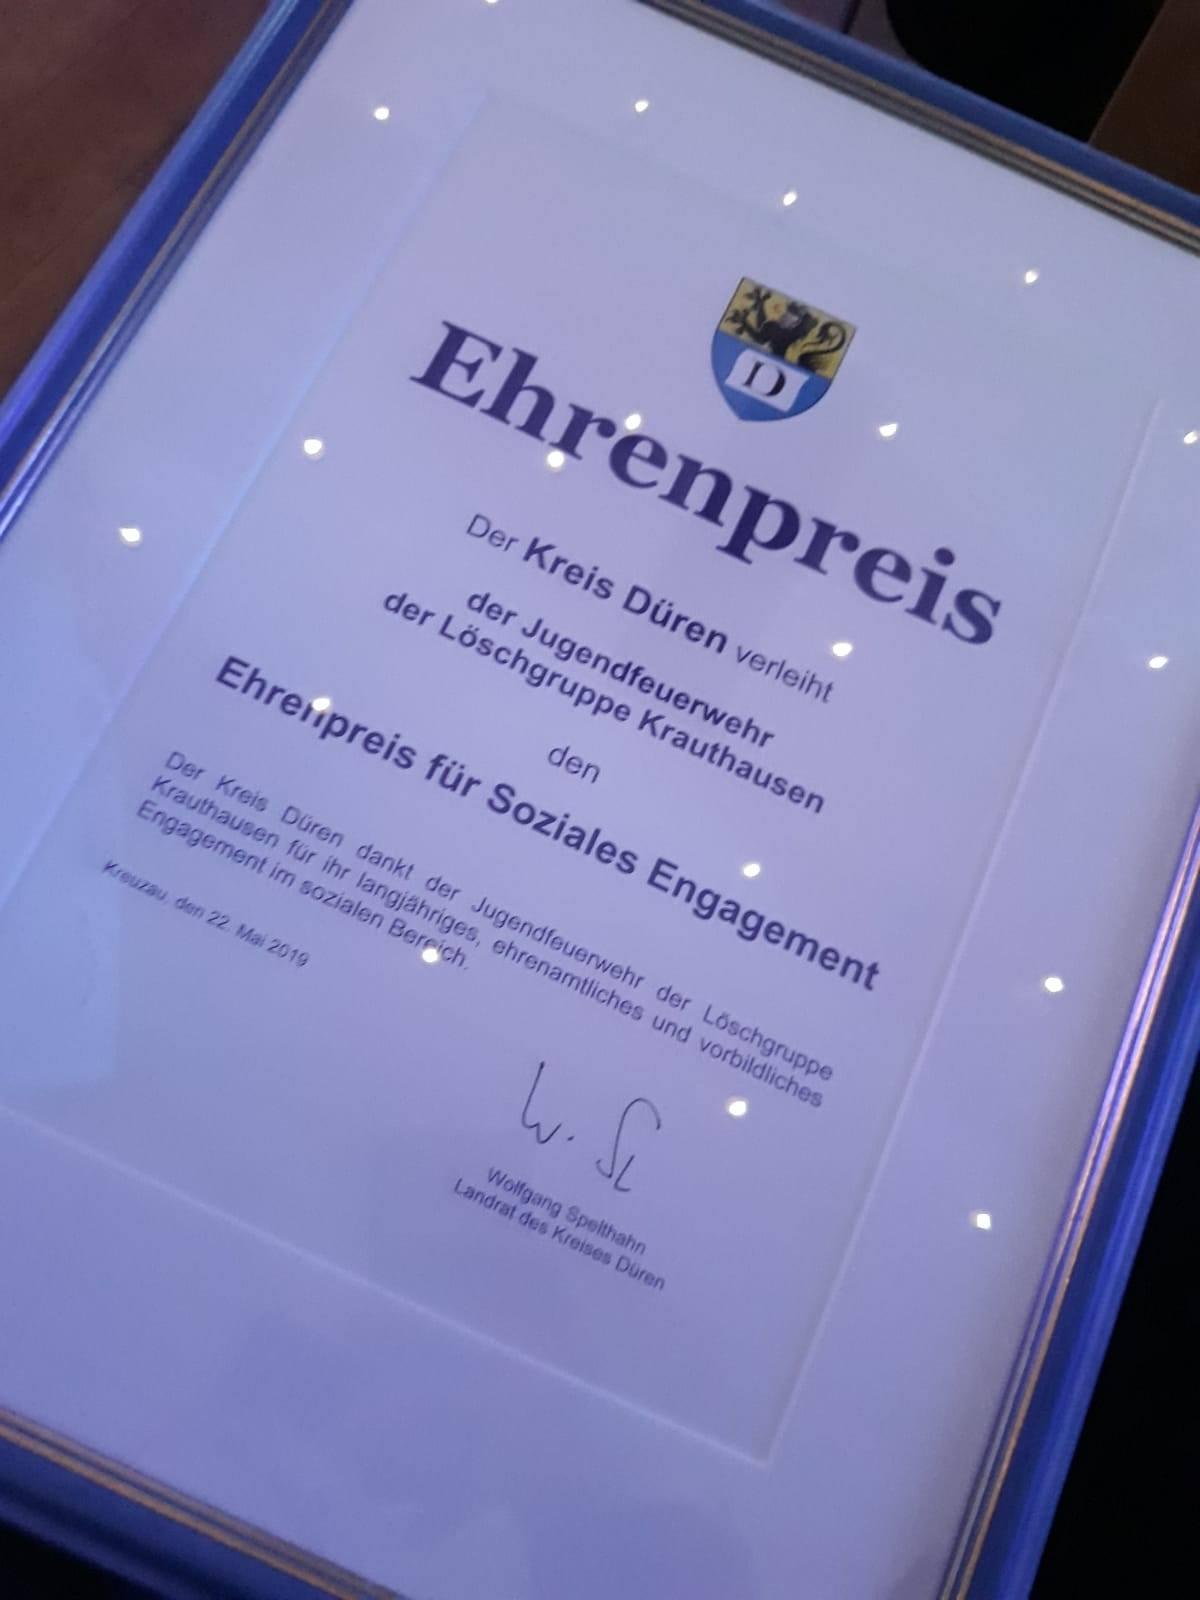 You are currently viewing Jugendfeuerwehr Krauthausen erhält Ehrenpreis des Kreises Düren für Soziales Engagement